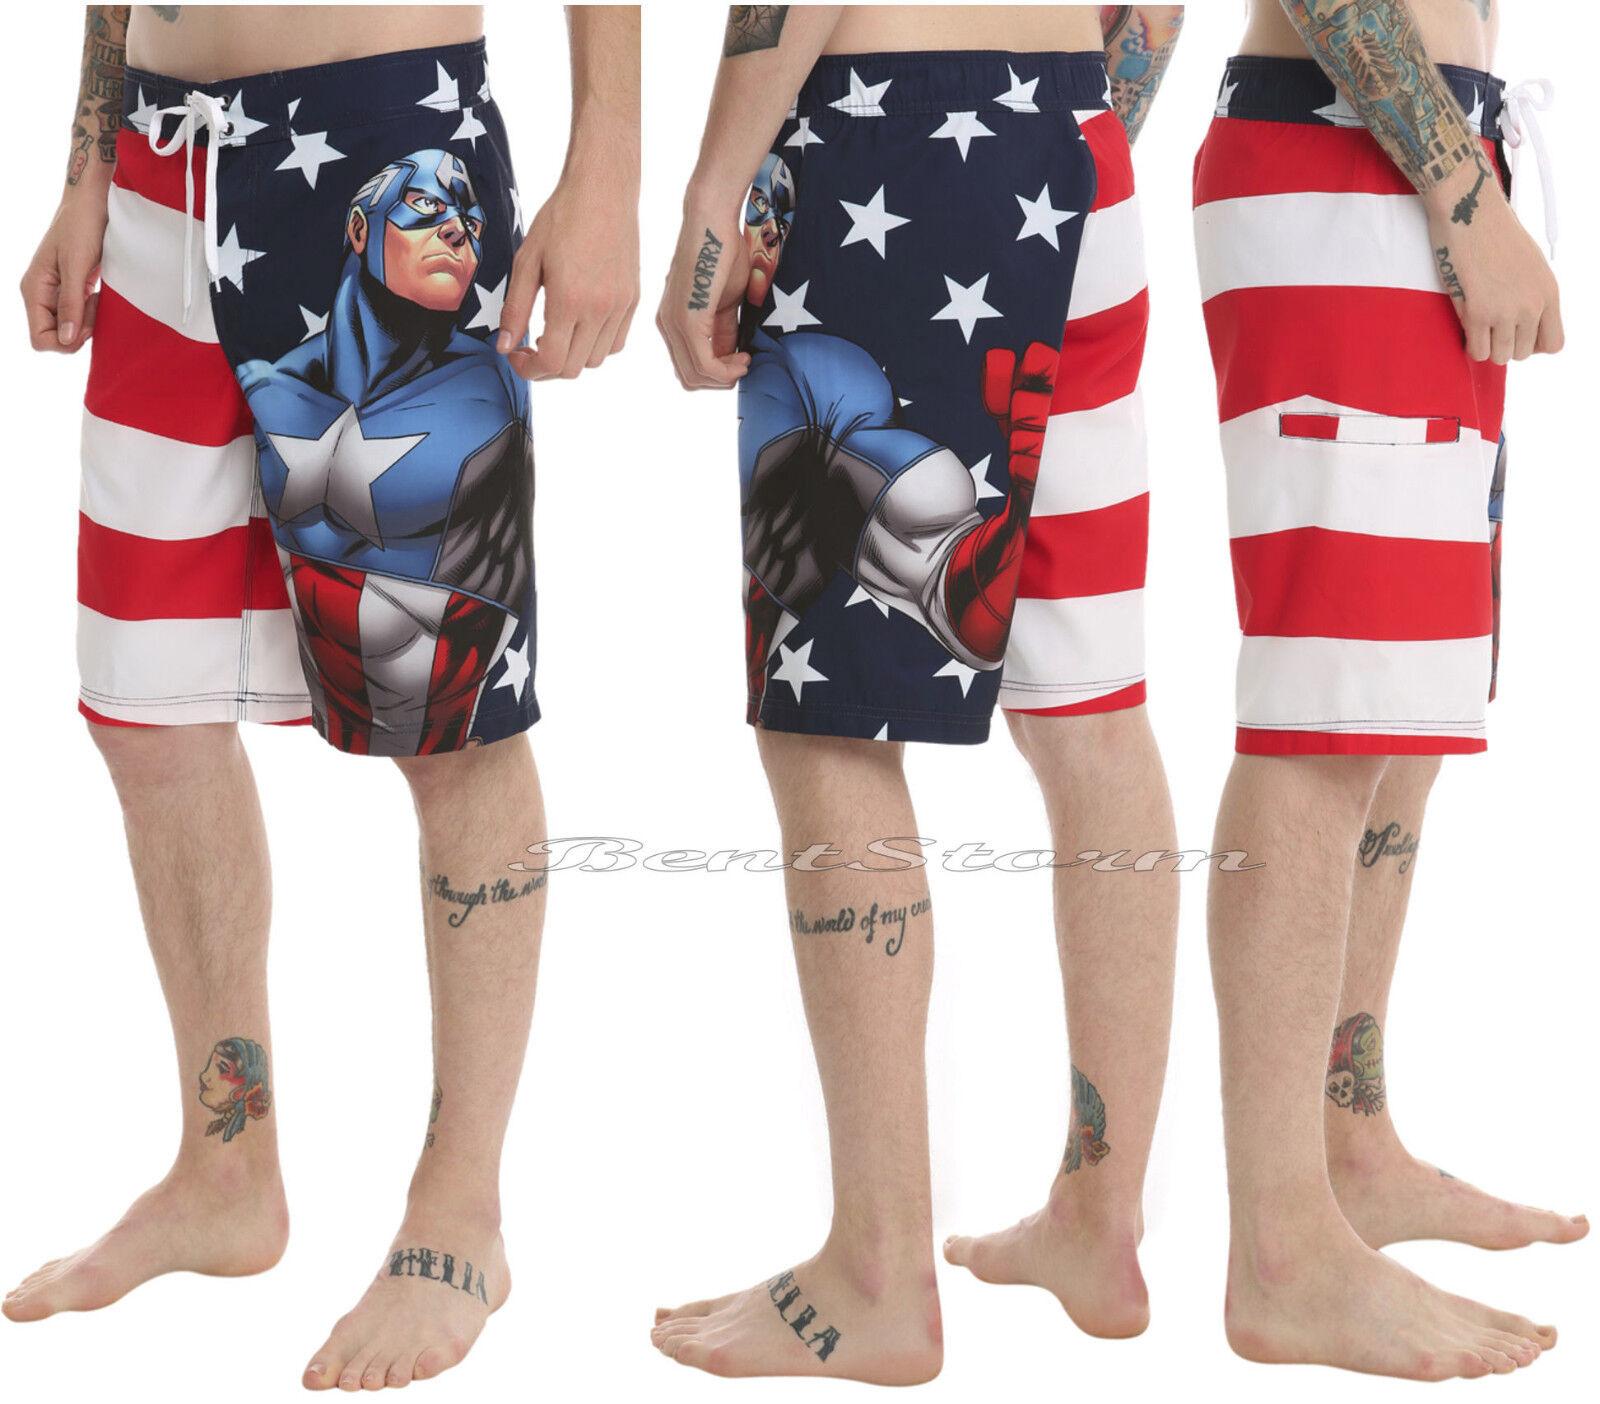 d23b0d10f4 NEW Marvel Avengers Captain America USA Flag Board Shorts Swim Trunks  Swimwear S